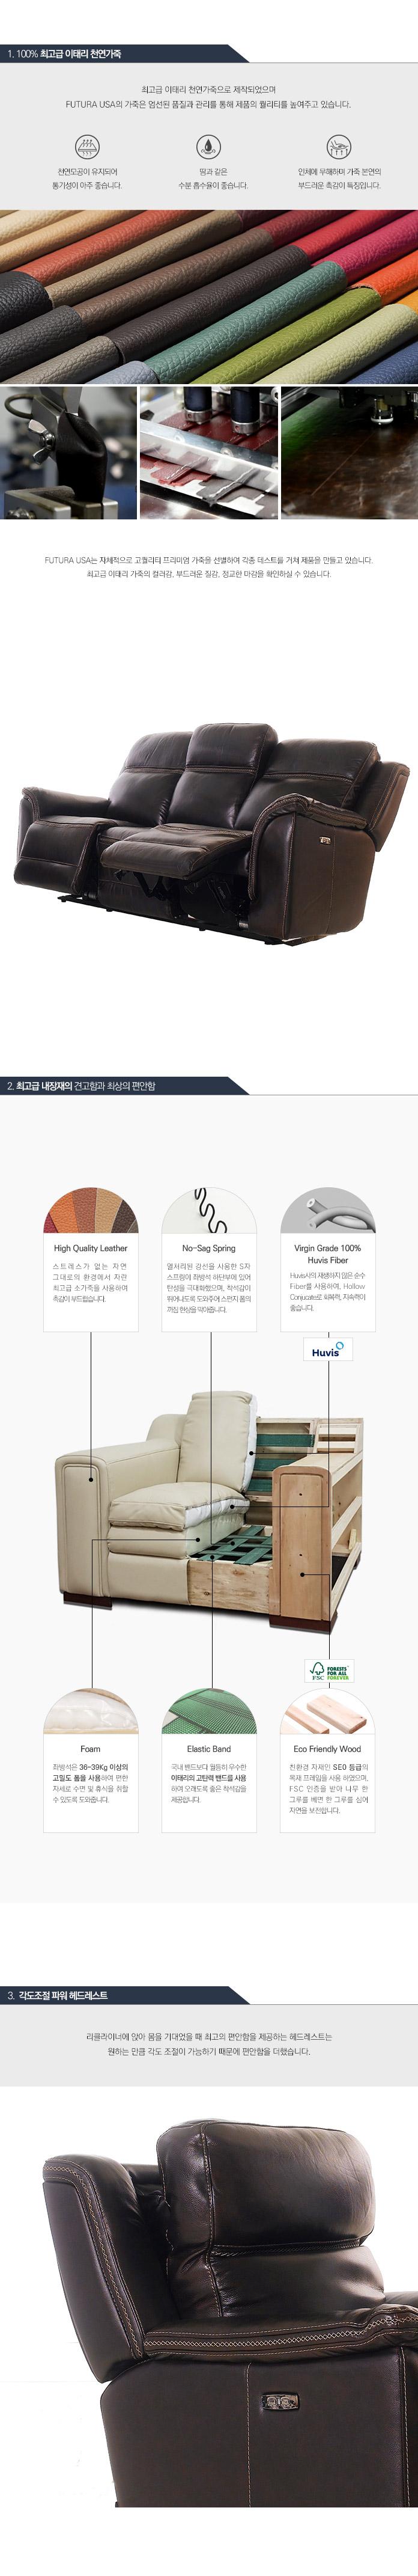 E1404-sofa-add-3.jpg